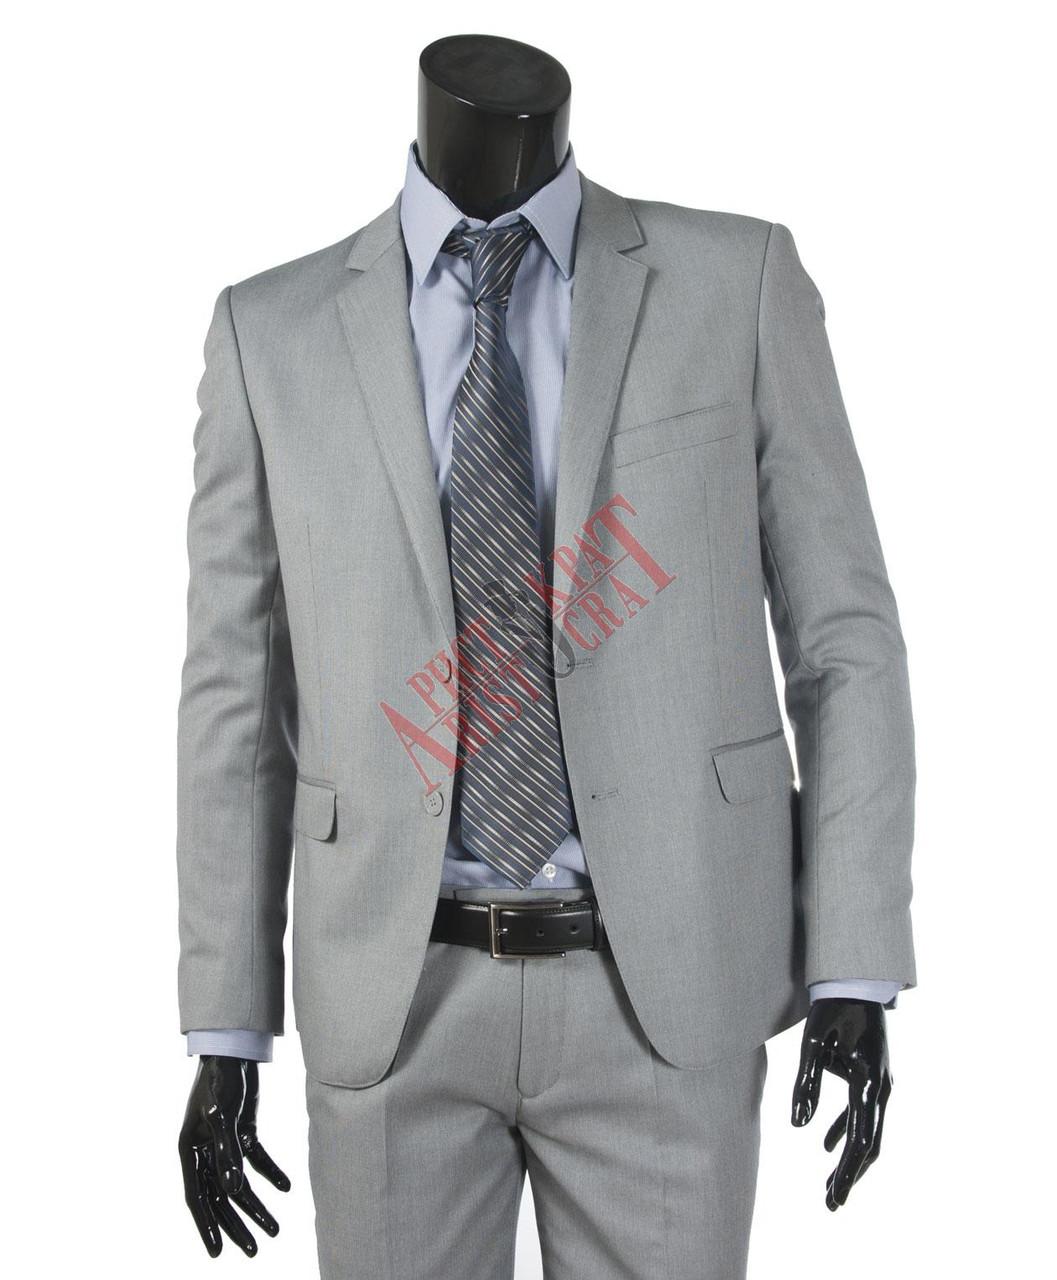 bd74ae66810 Костюм мужской приталенный  продажа